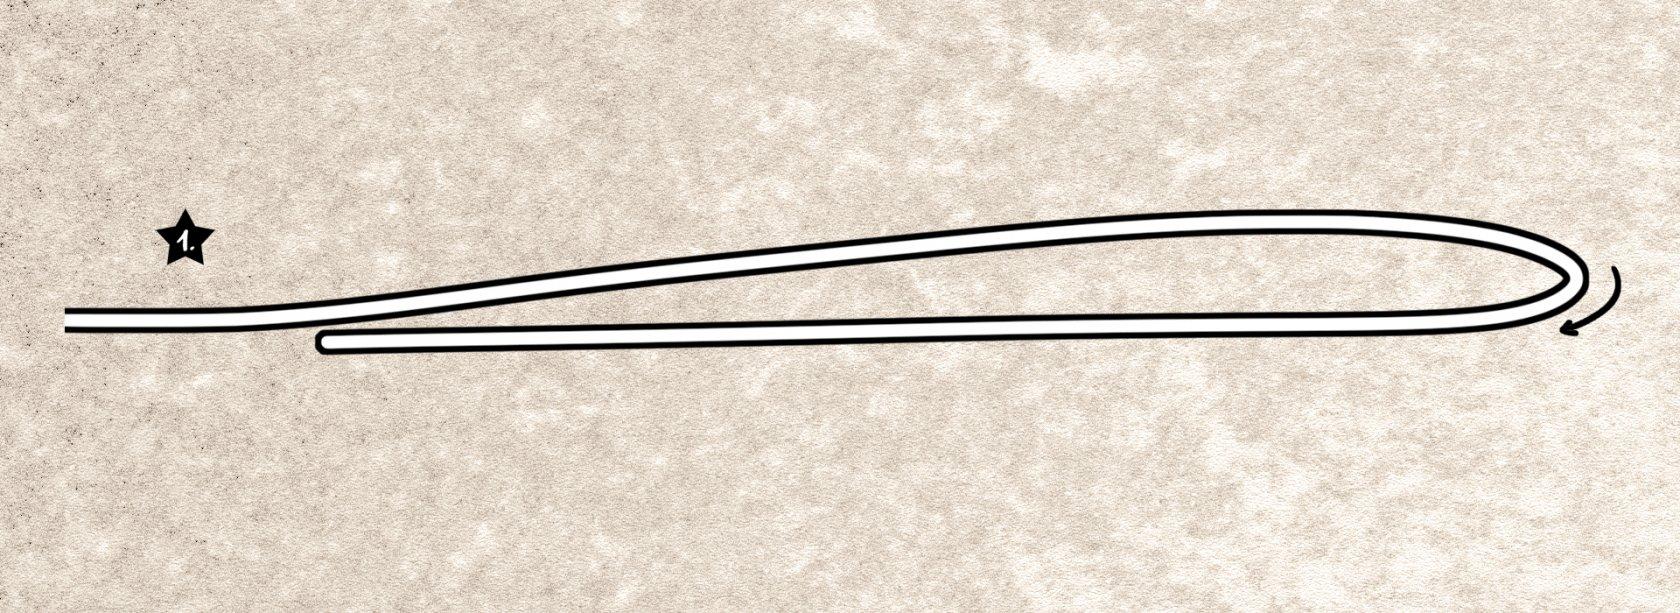 Schlaufenknoten zum Angeln